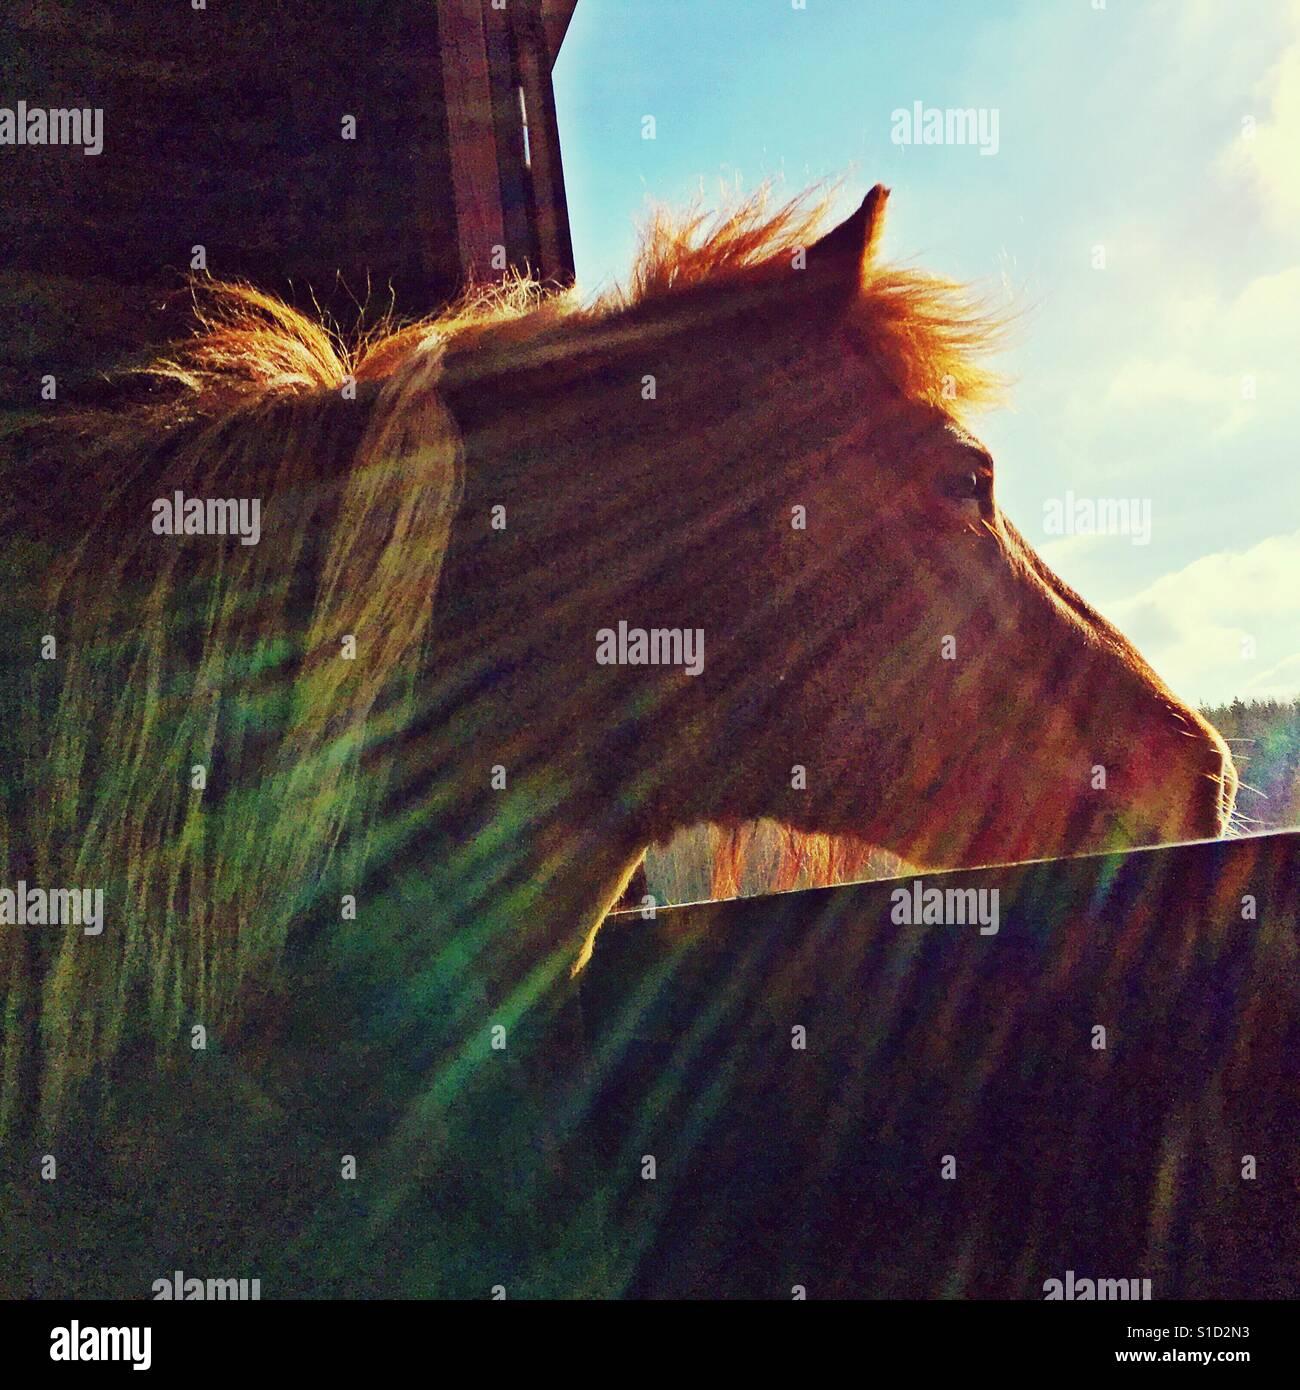 Islandpferd, Blick durch eine Öffnung in die Sonne. Stockfoto